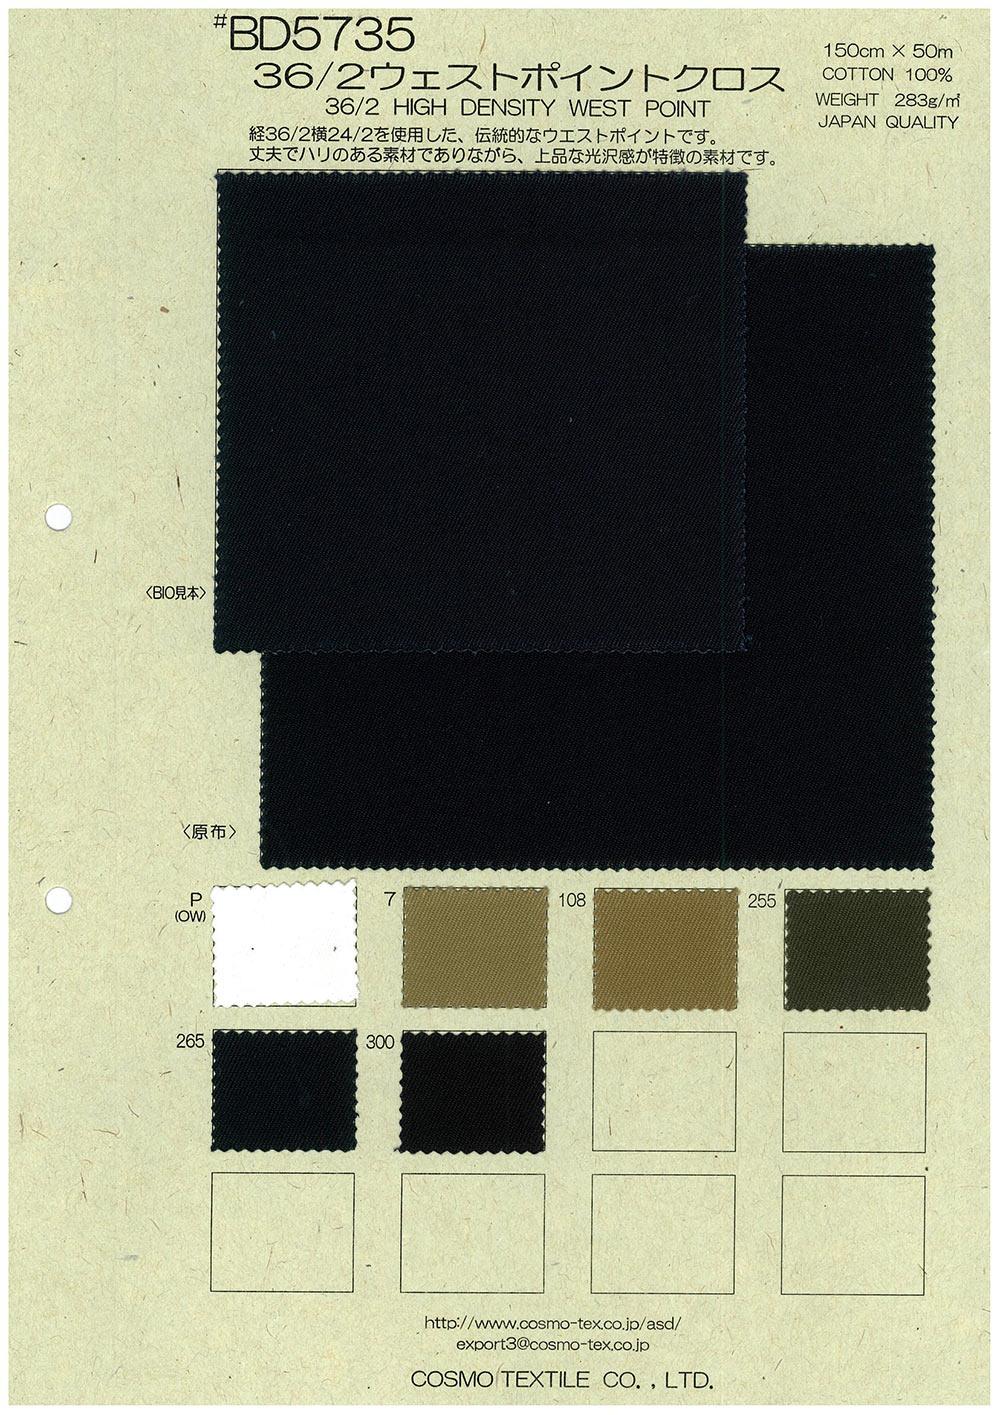 BD5735 36/2ウェポン[生地] コスモテキスタイル/オークラ商事 - ApparelX アパレル資材卸通販